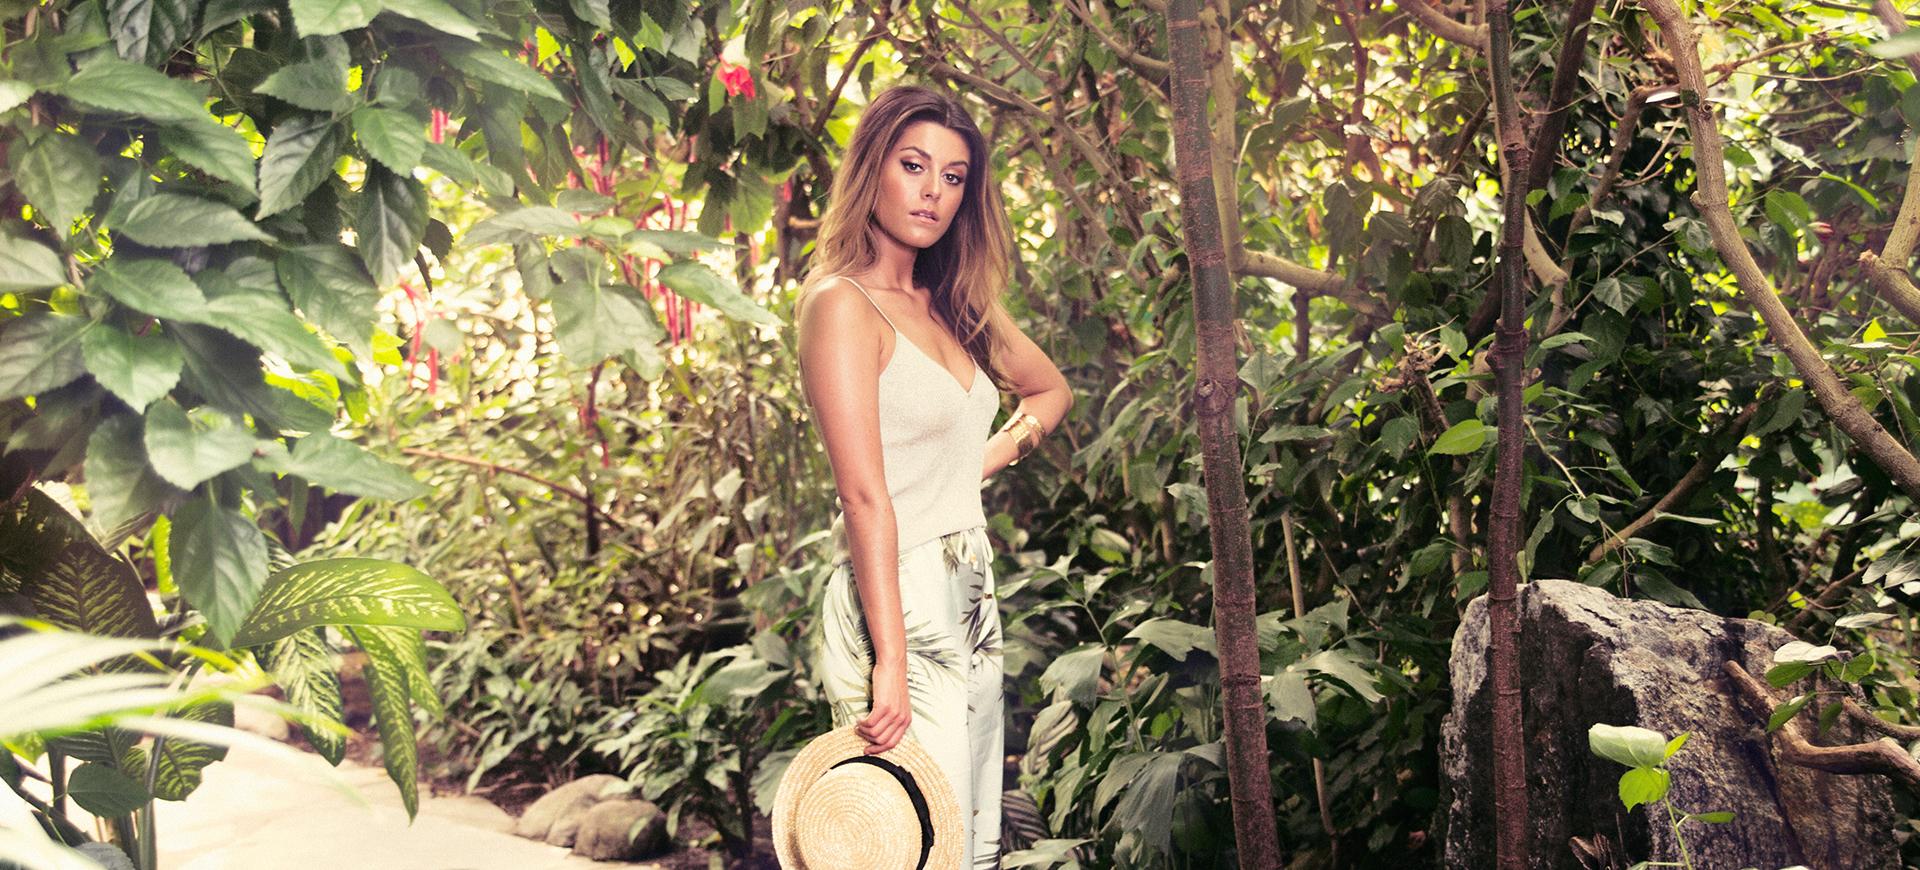 Bianca Ingrossos Caia Cosmetics fälls för sexistisk reklam